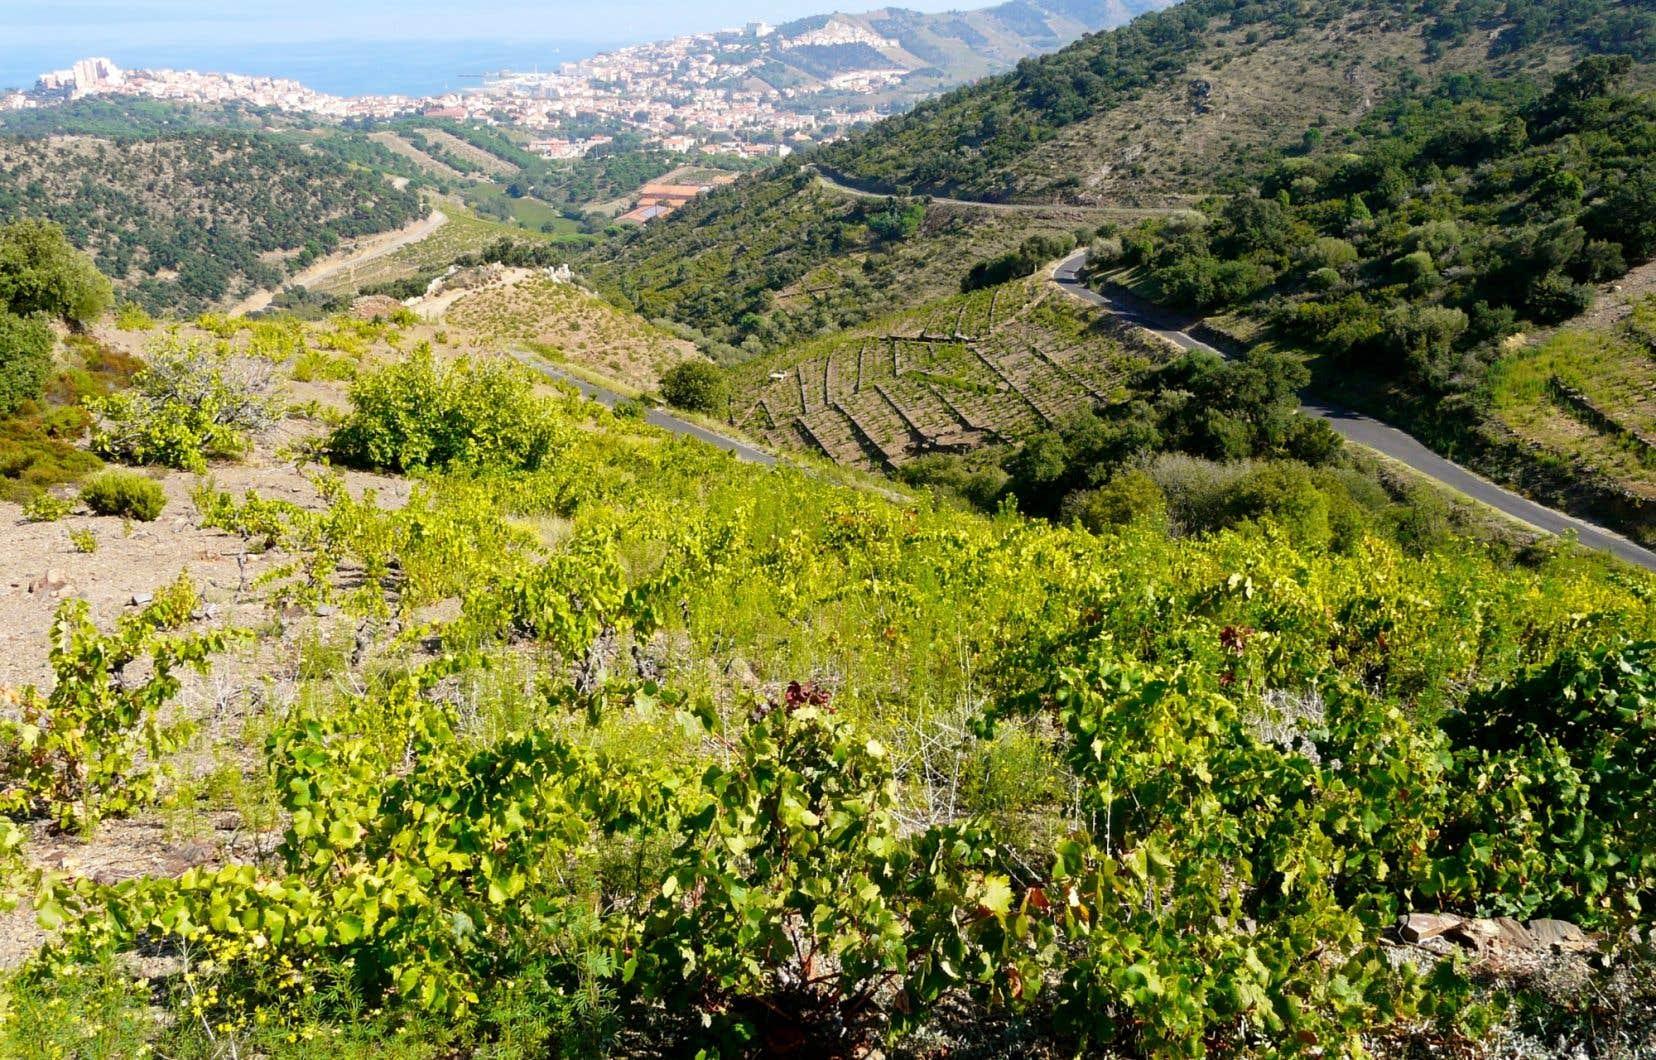 Des vignobles du côté de Collioure, avec la Grande Bleue derrière.